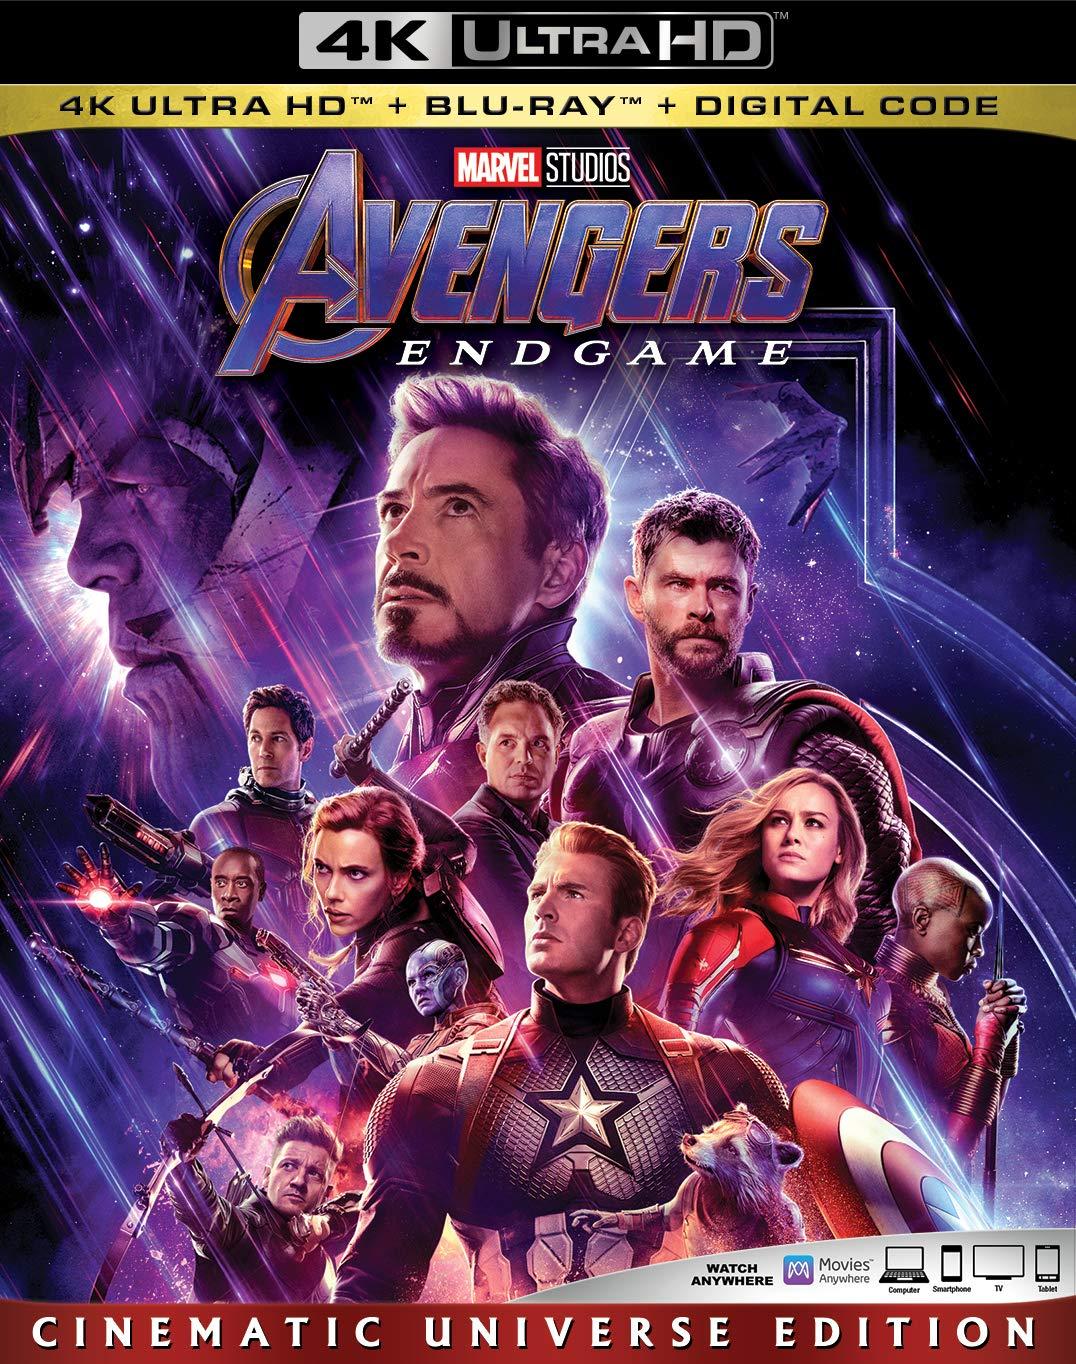 Marvel Studios Avengers Endgame Comic-Con